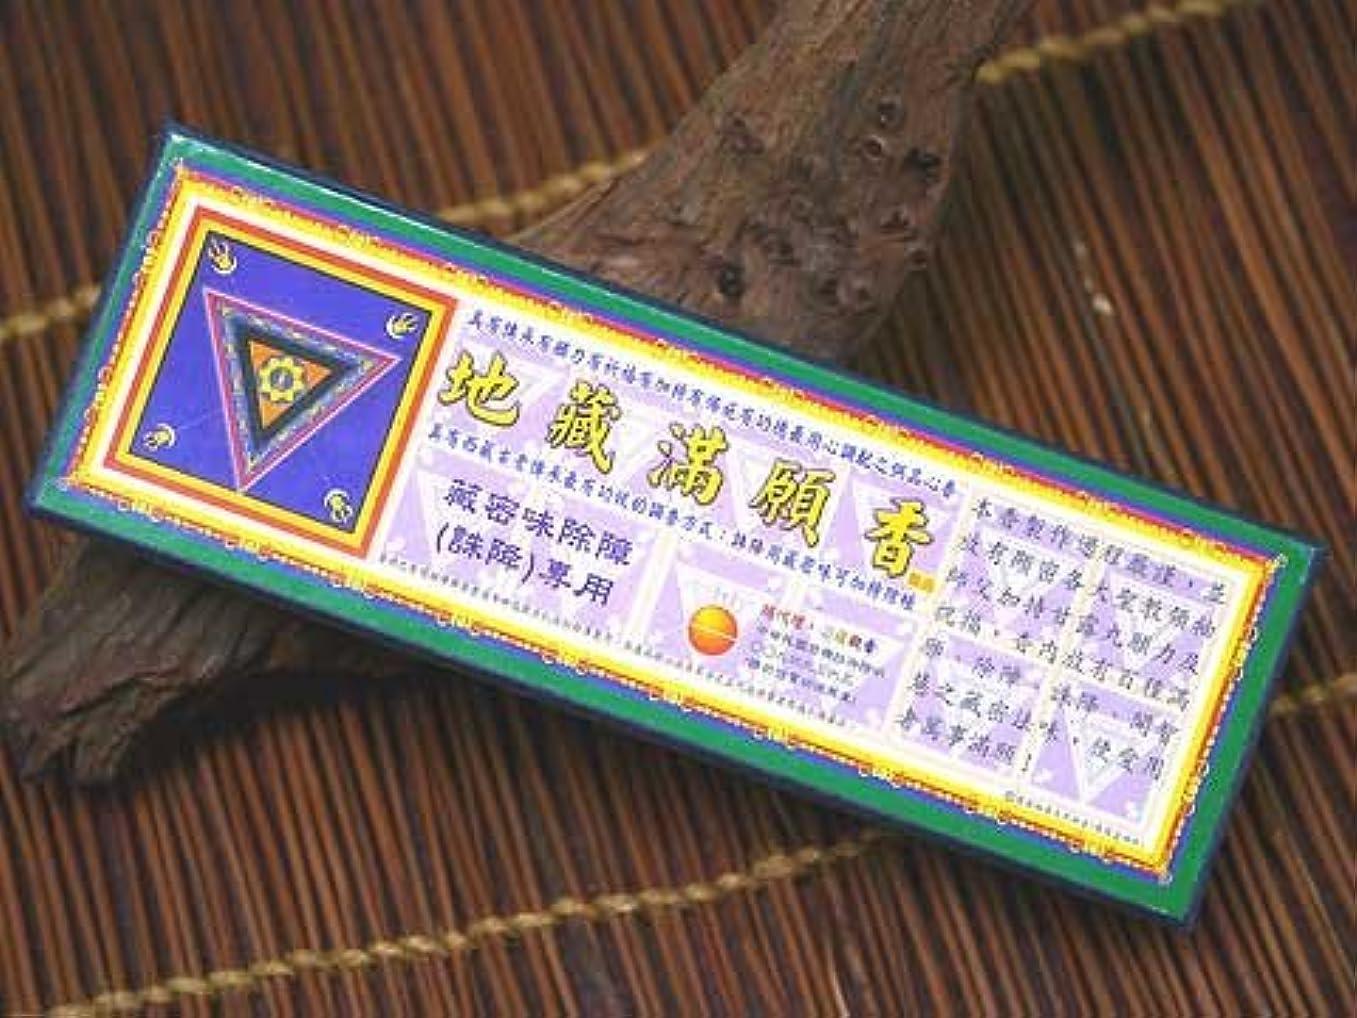 精査火曜日セール地蔵満願香 台湾のお香 彩蓮観音 地蔵満願香 おタイプ